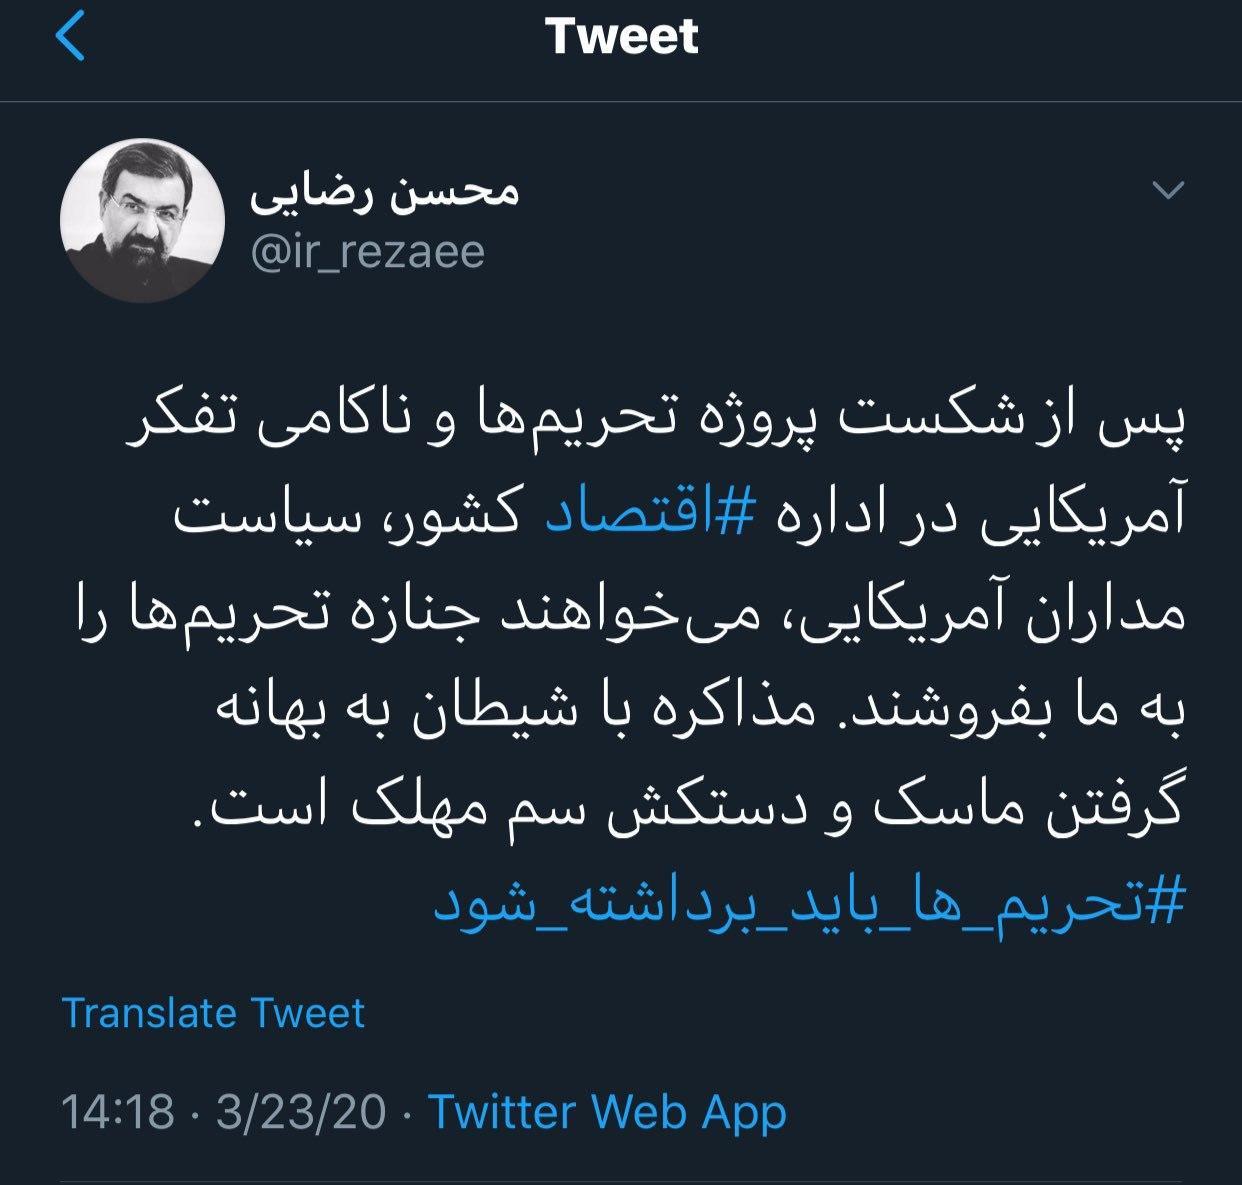 محسن رضایی: میخواهند جنازه تحریمها را به ما بفروشند